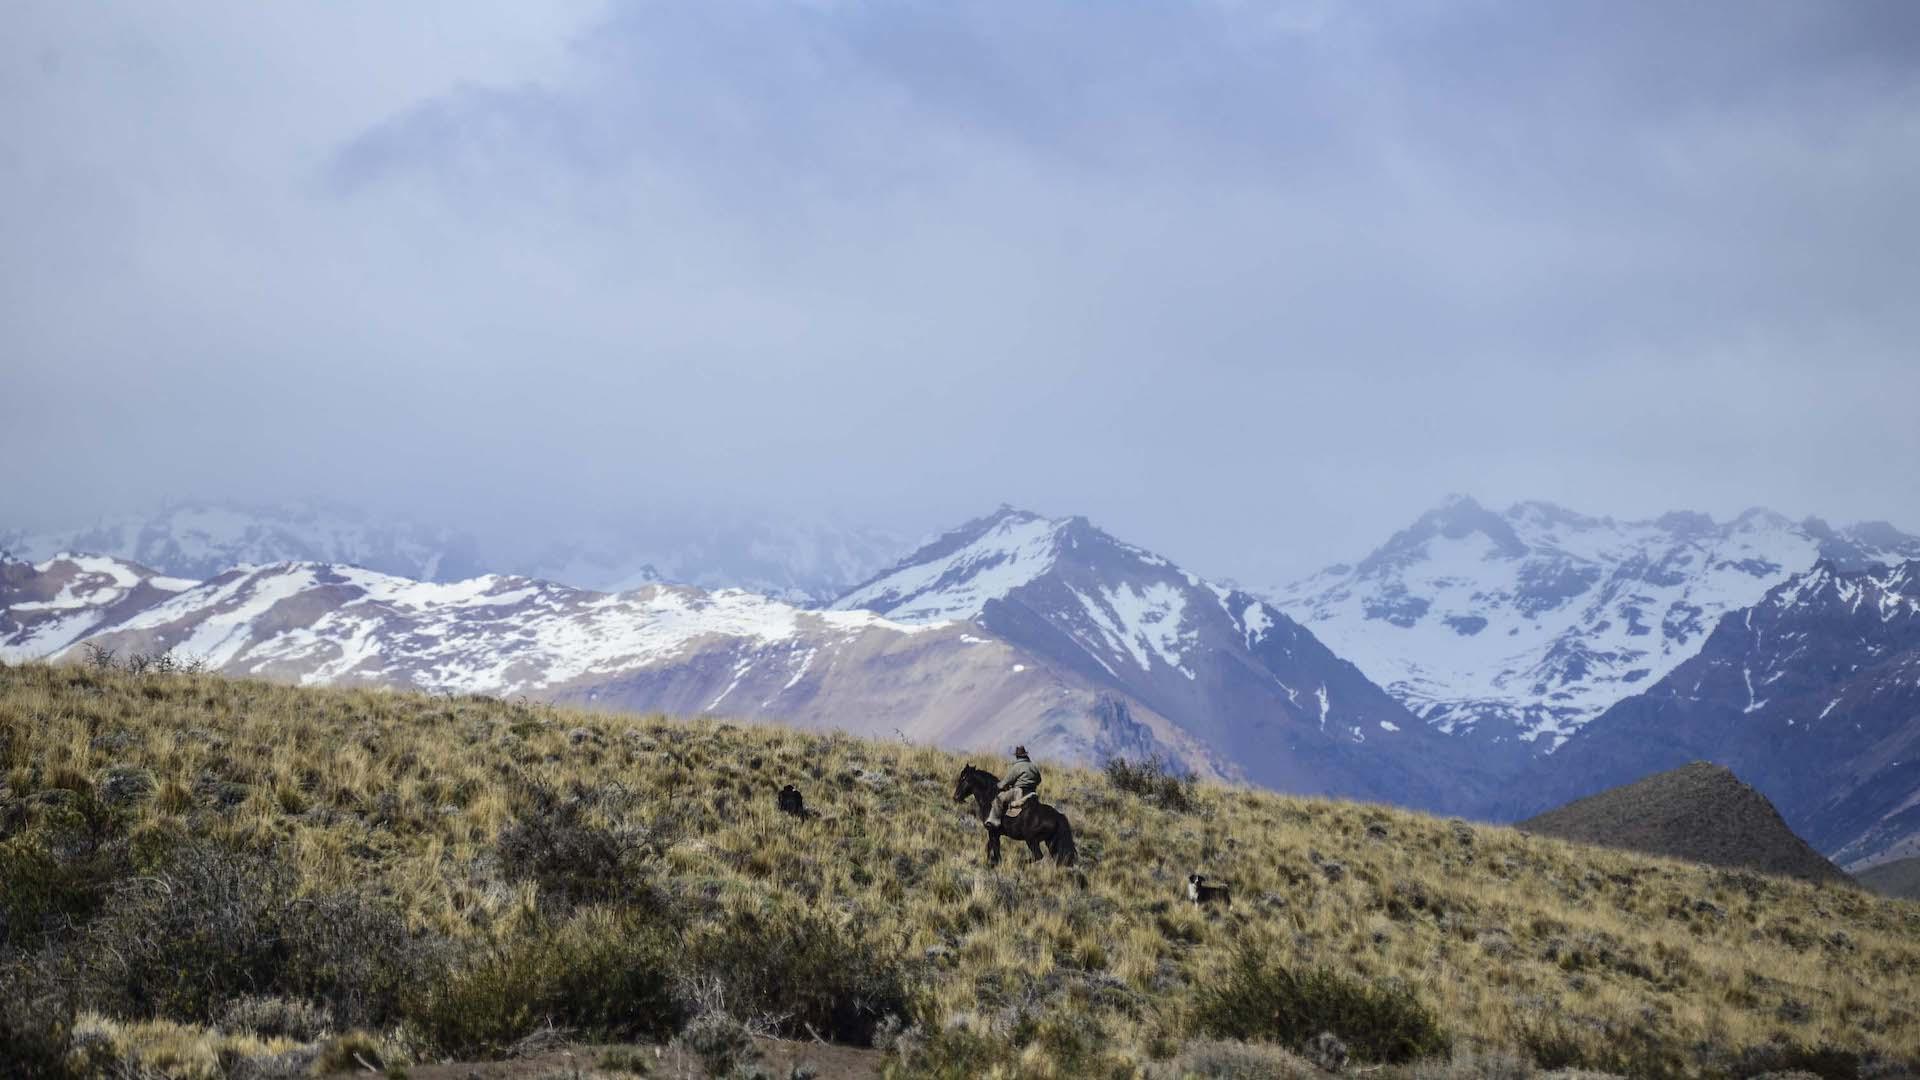 Así es la ruta 41 en la Patagonia de Argentina: qué hacer y recorrer